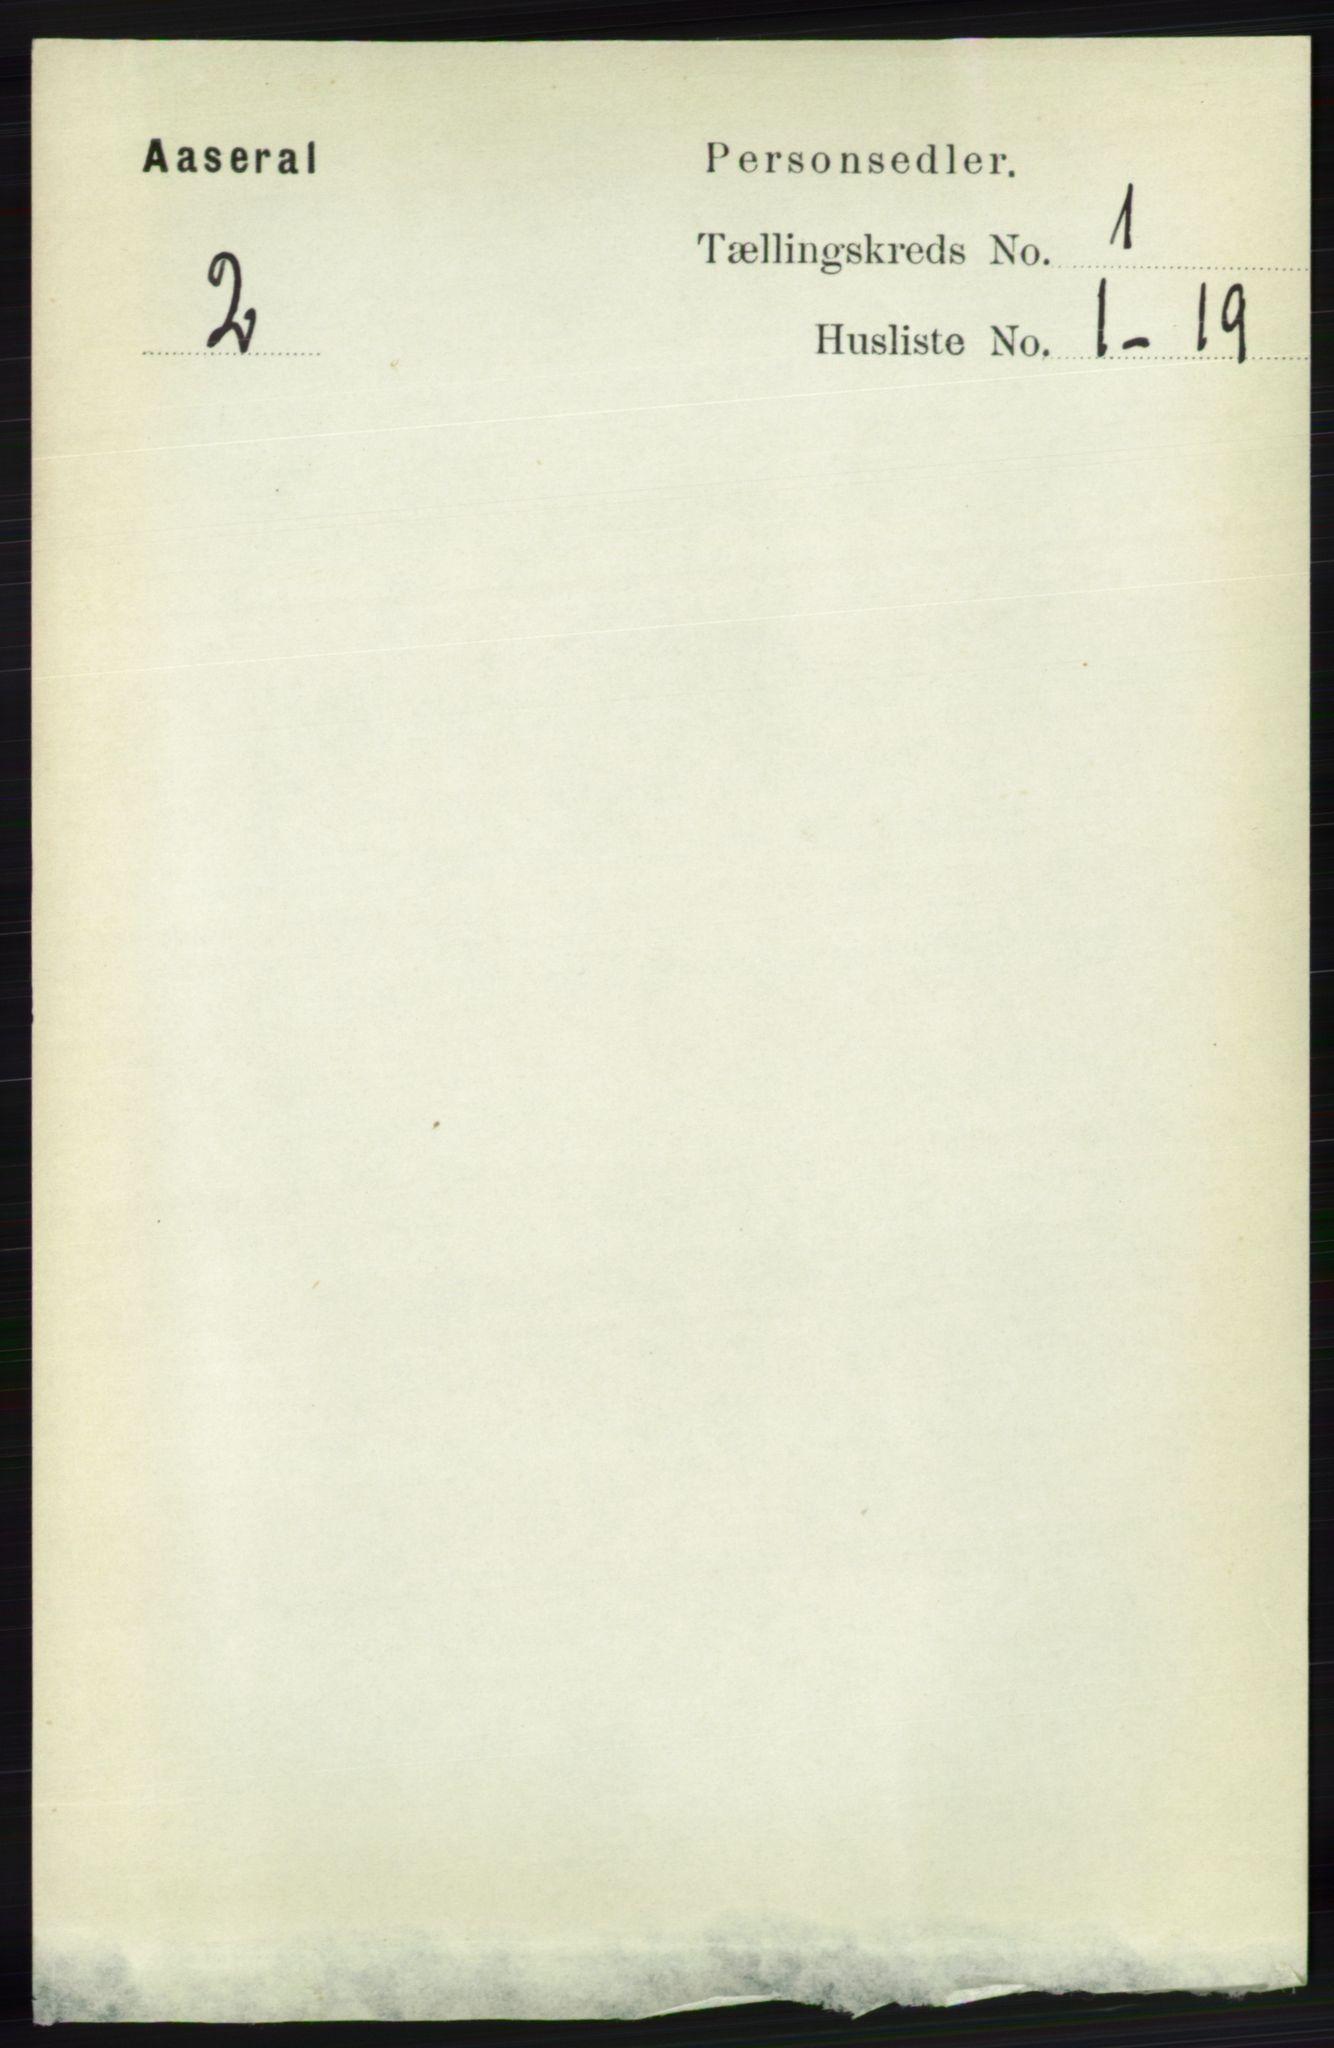 RA, Folketelling 1891 for 1026 Åseral herred, 1891, s. 59